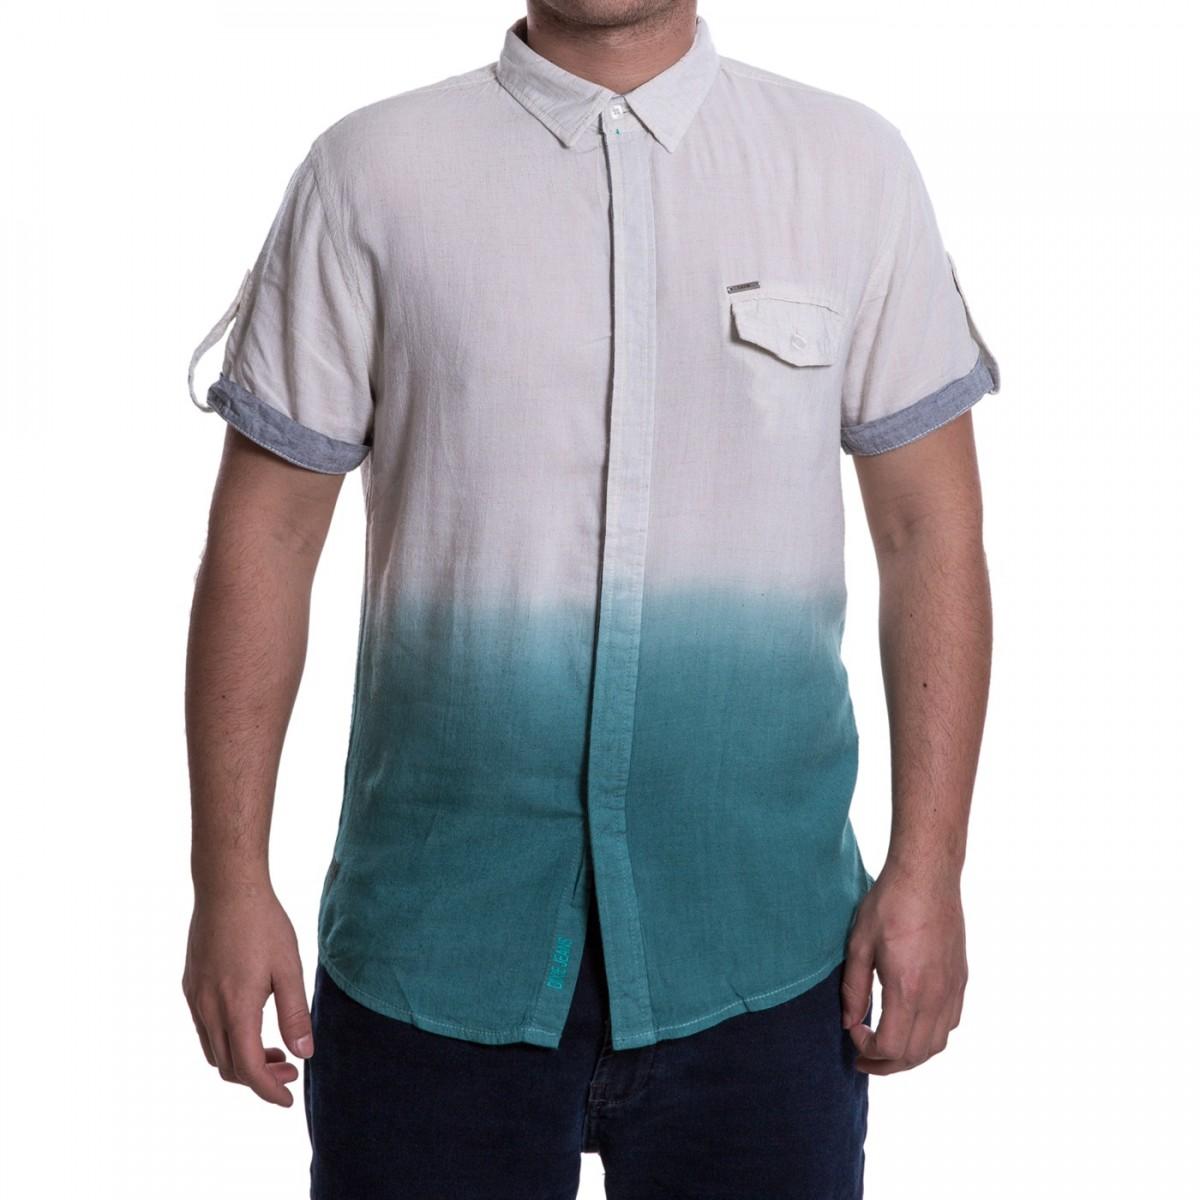 Bizz Store - Camisa Social Masculina Dixie Manga Curta Degradê 4b508520edb21